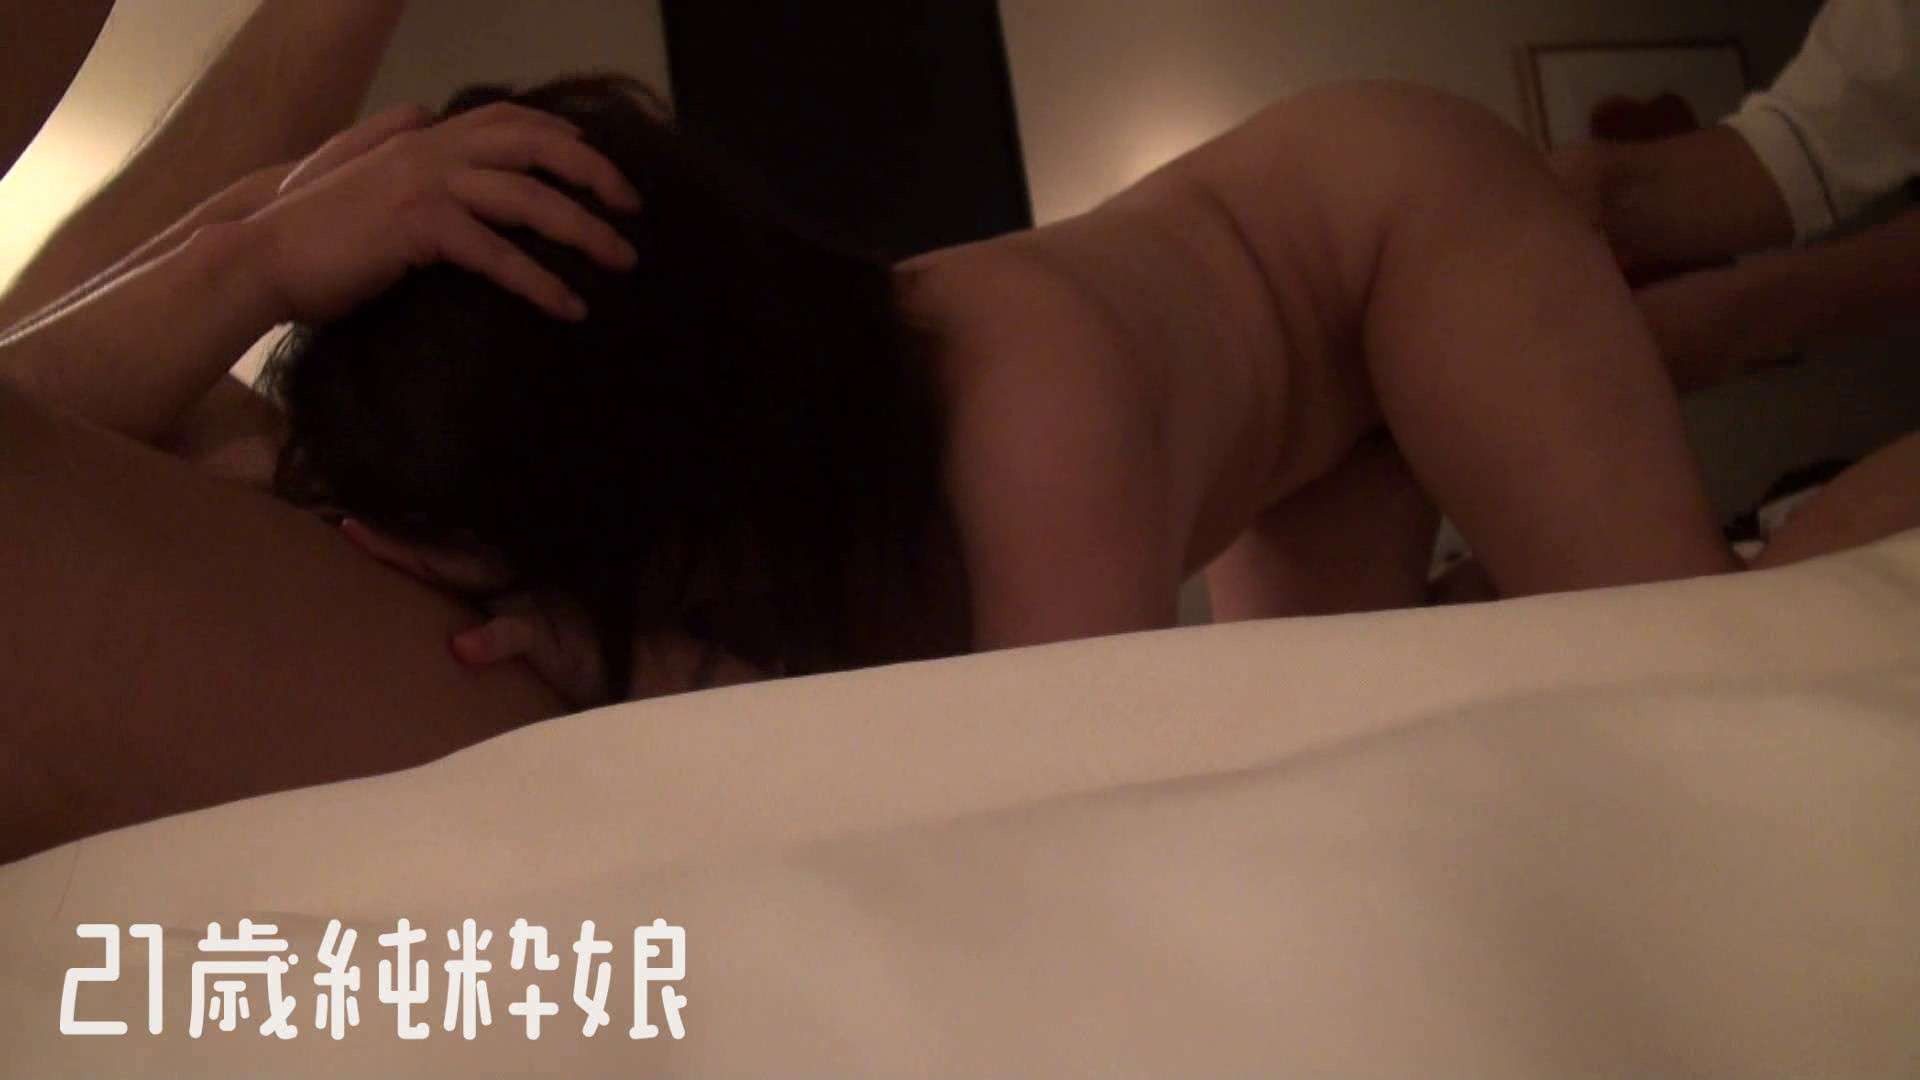 Gカップ21歳純粋嬢第2弾Vol.4 性欲丸出し   HなOL  69pic 20